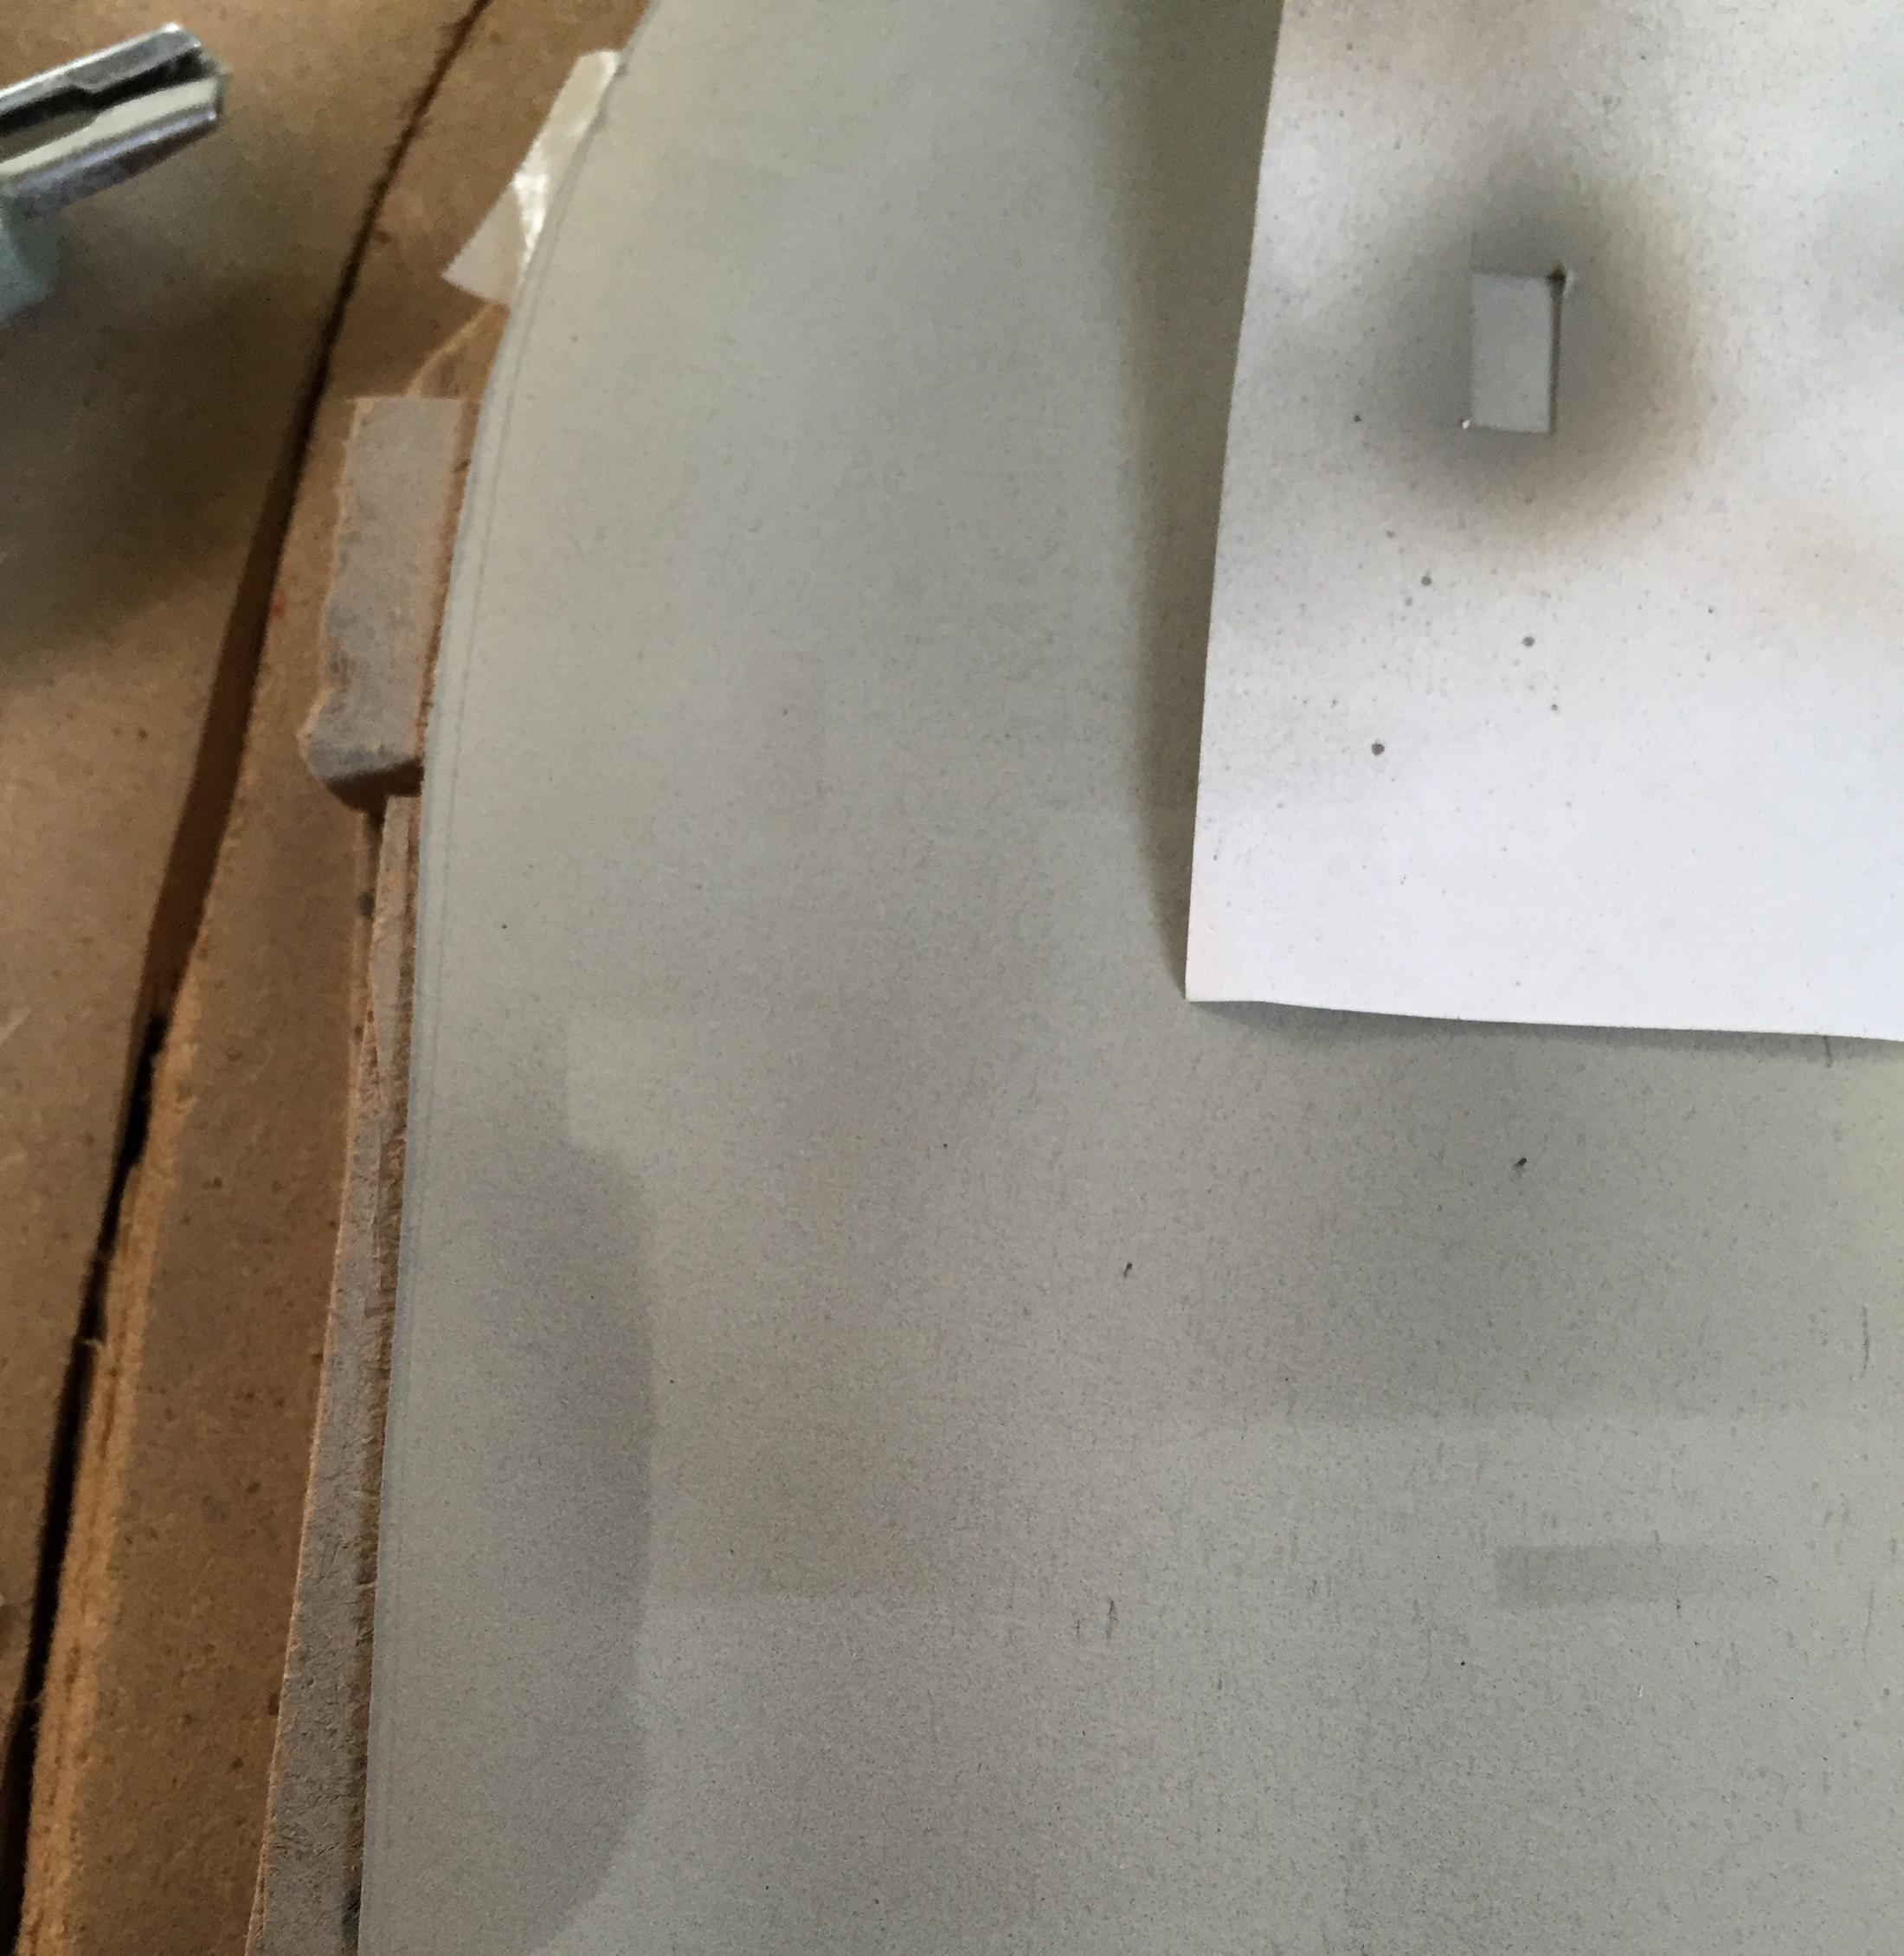 Om wat 'leven' in het grijze wegdek te krijgen zijn met de airbrush en wat sjabloontjes reparatievlakken aangebracht.